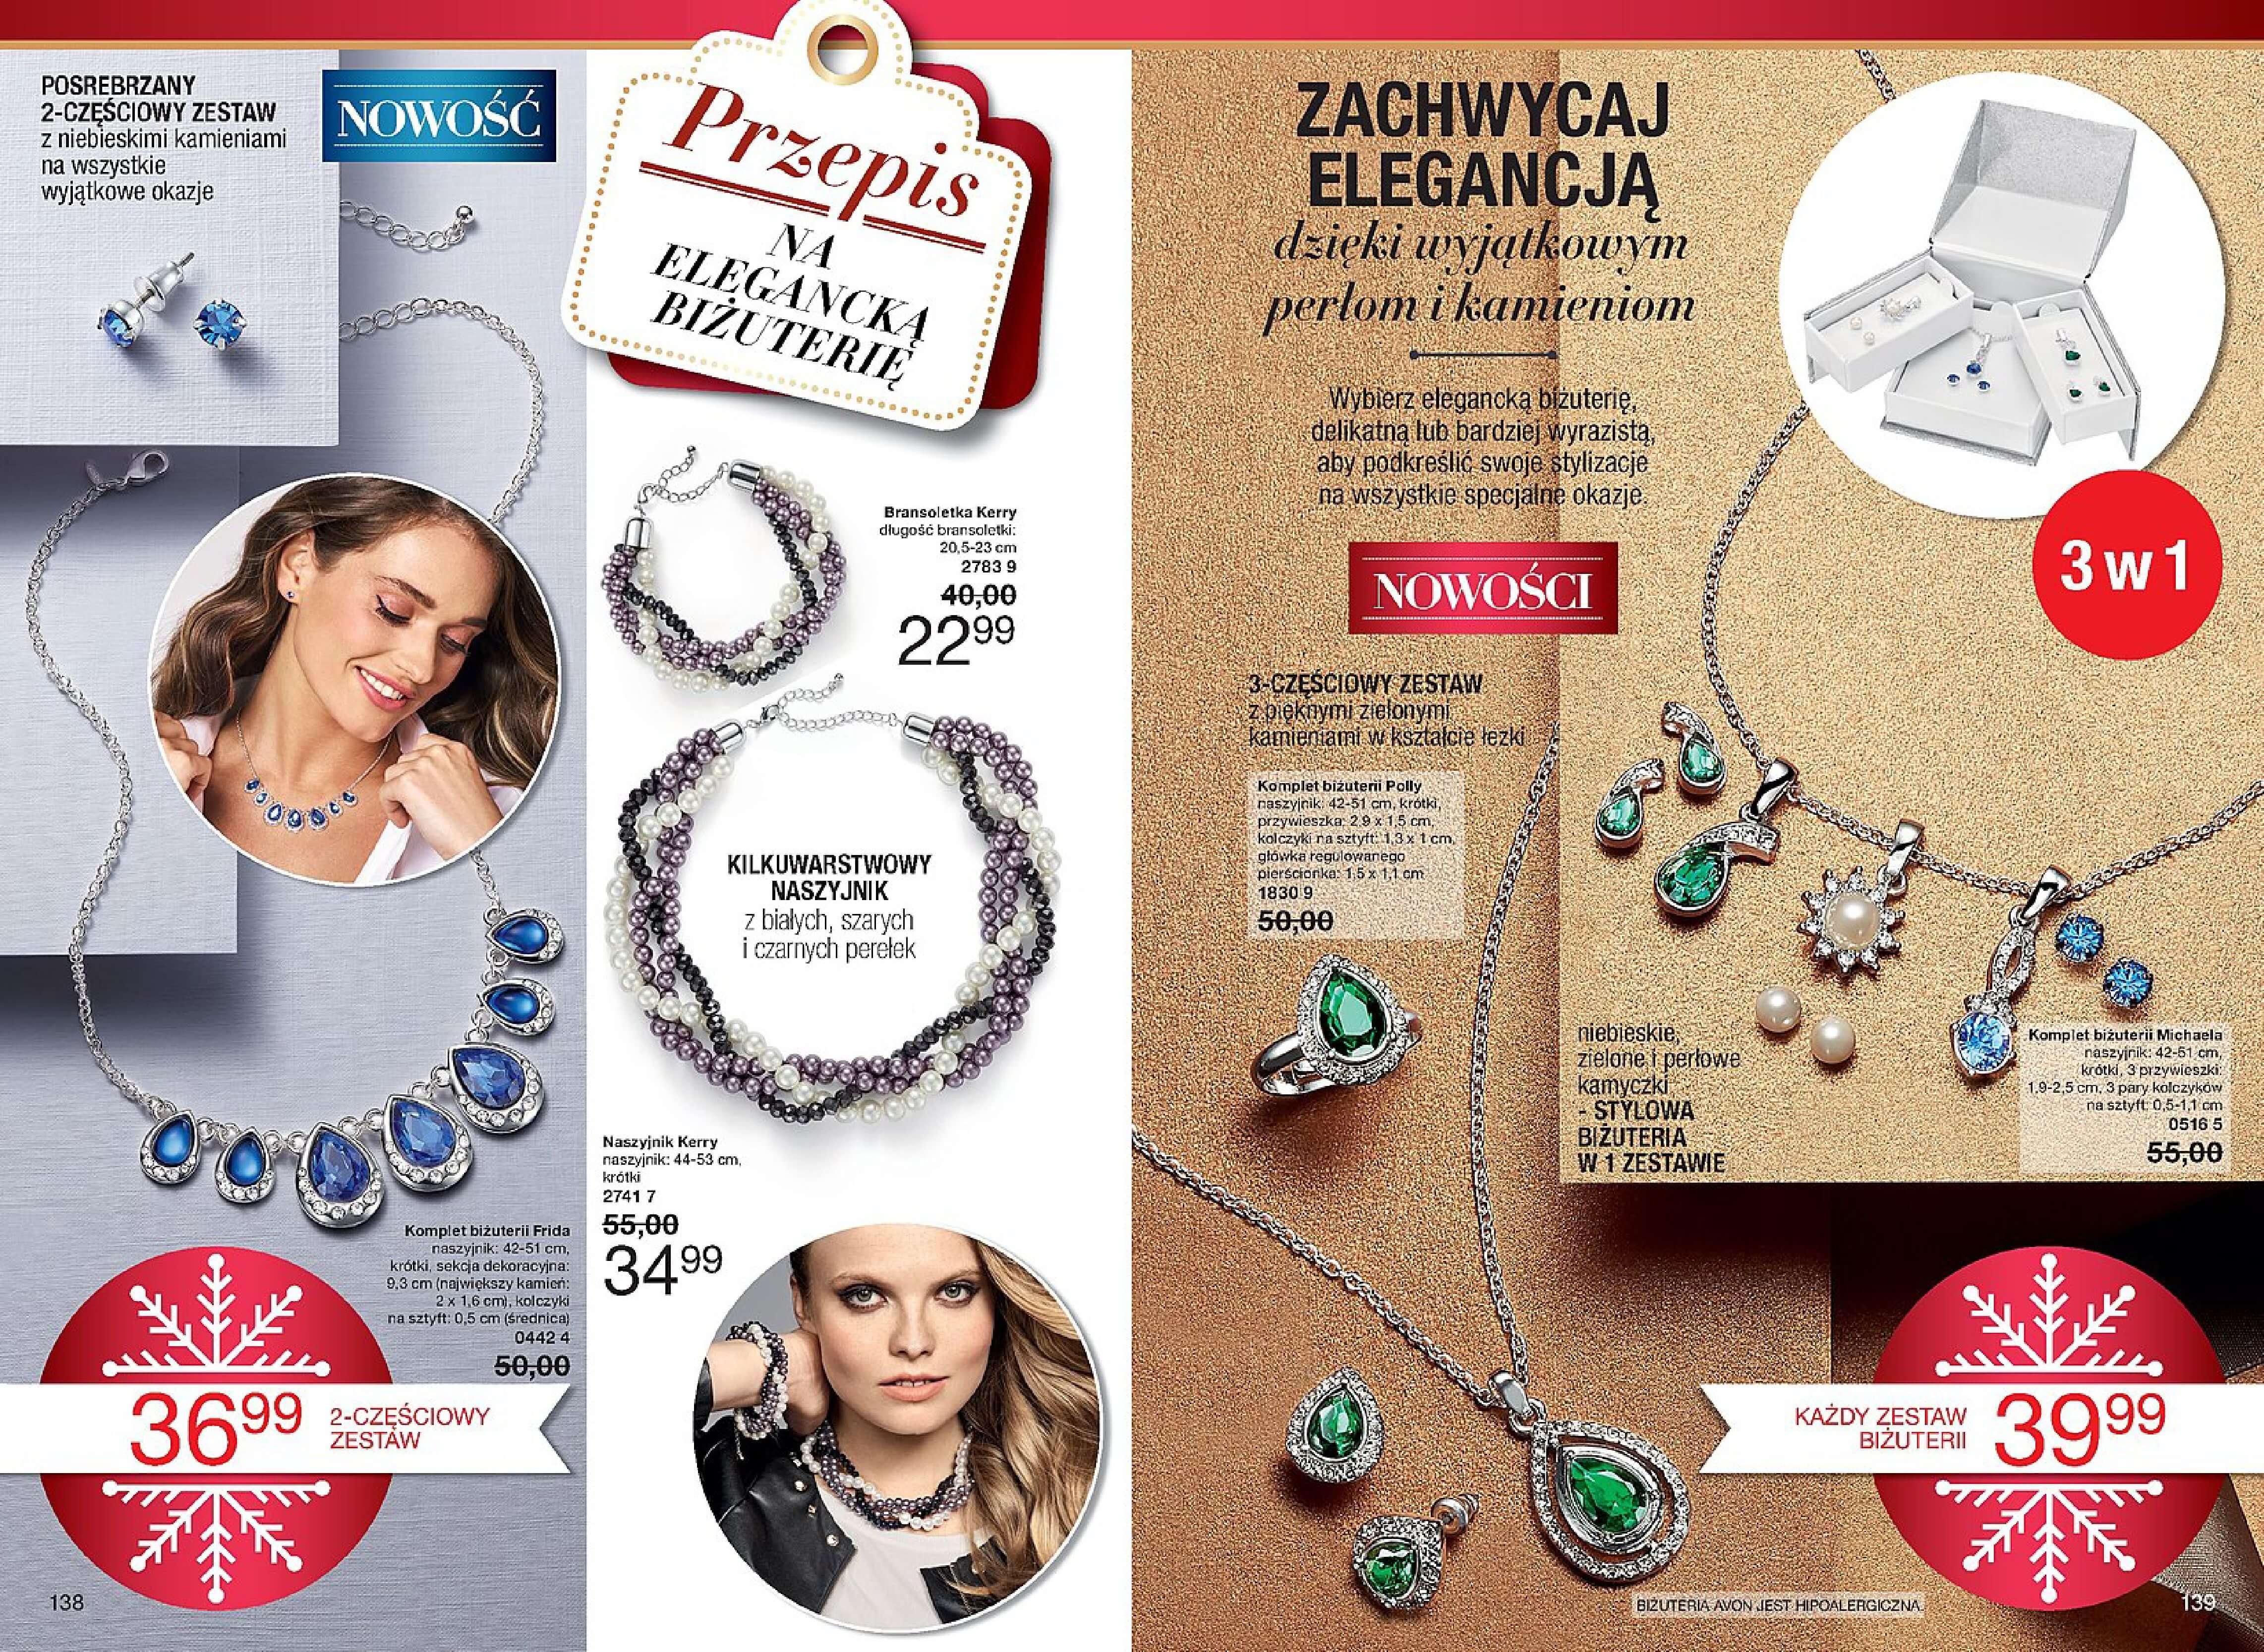 Gazetka Avon - Katalog 17/2017 Gwiazdka-29.11.2017-27.12.2017-page-70